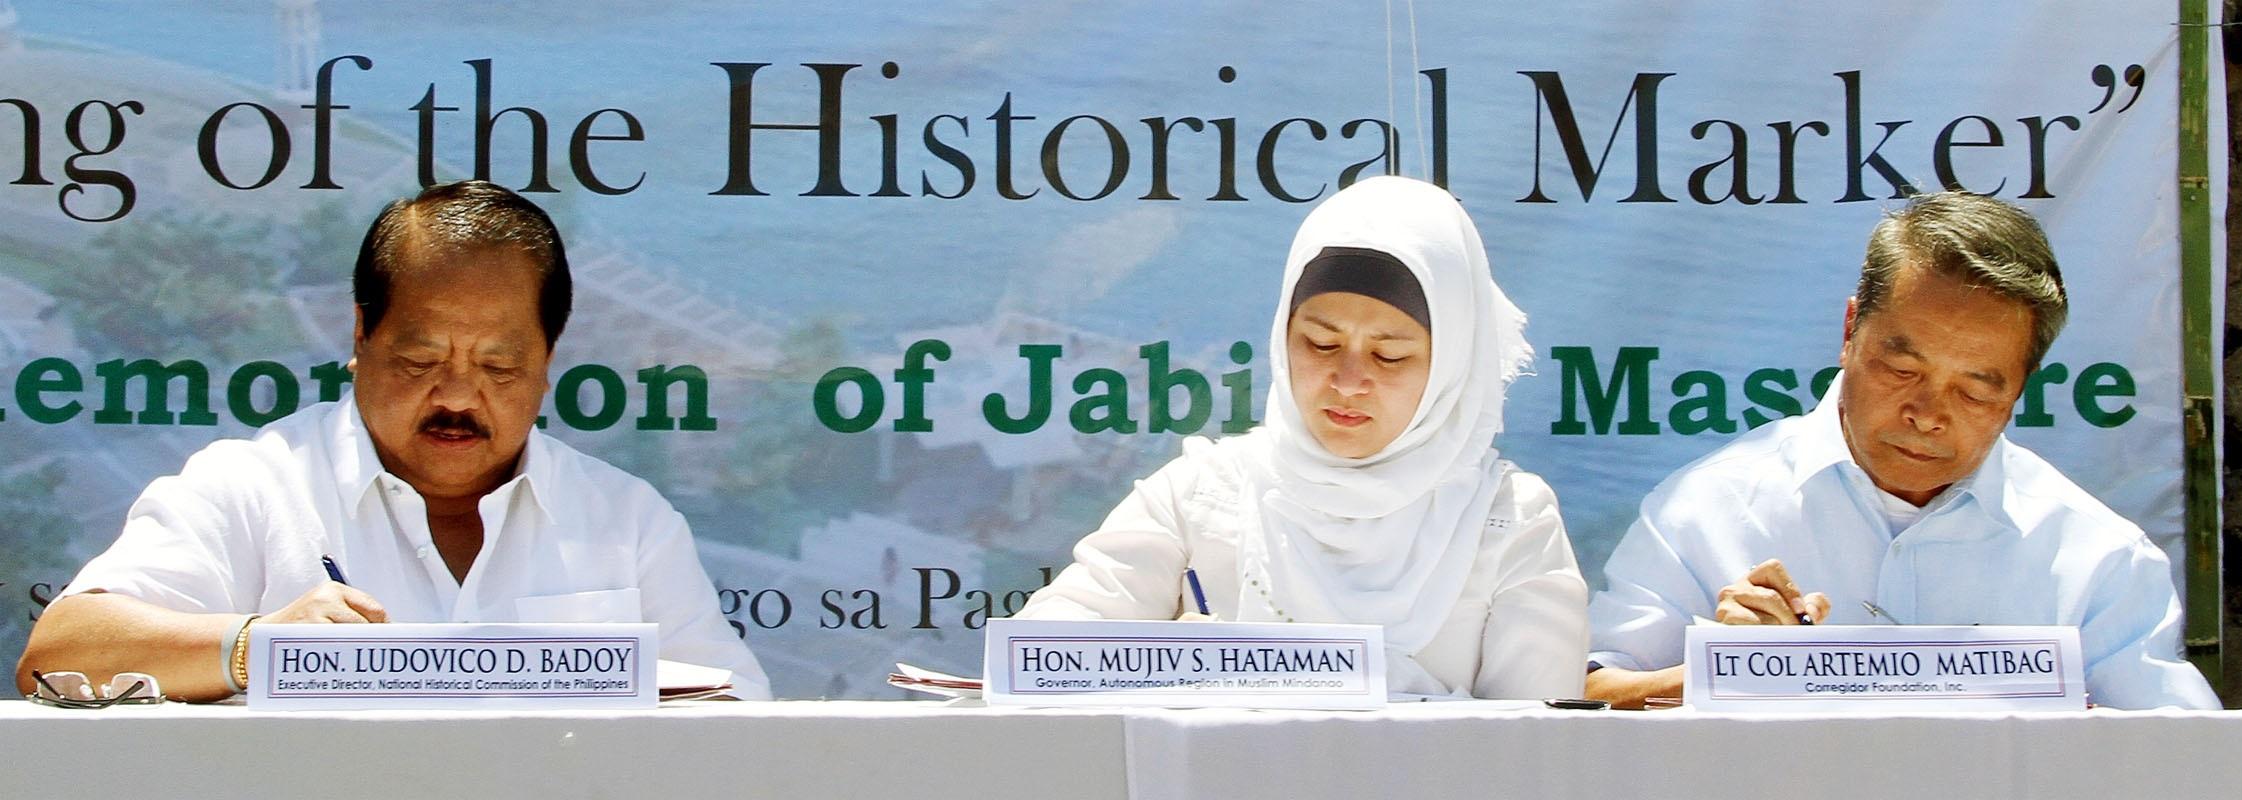 jabidah 5